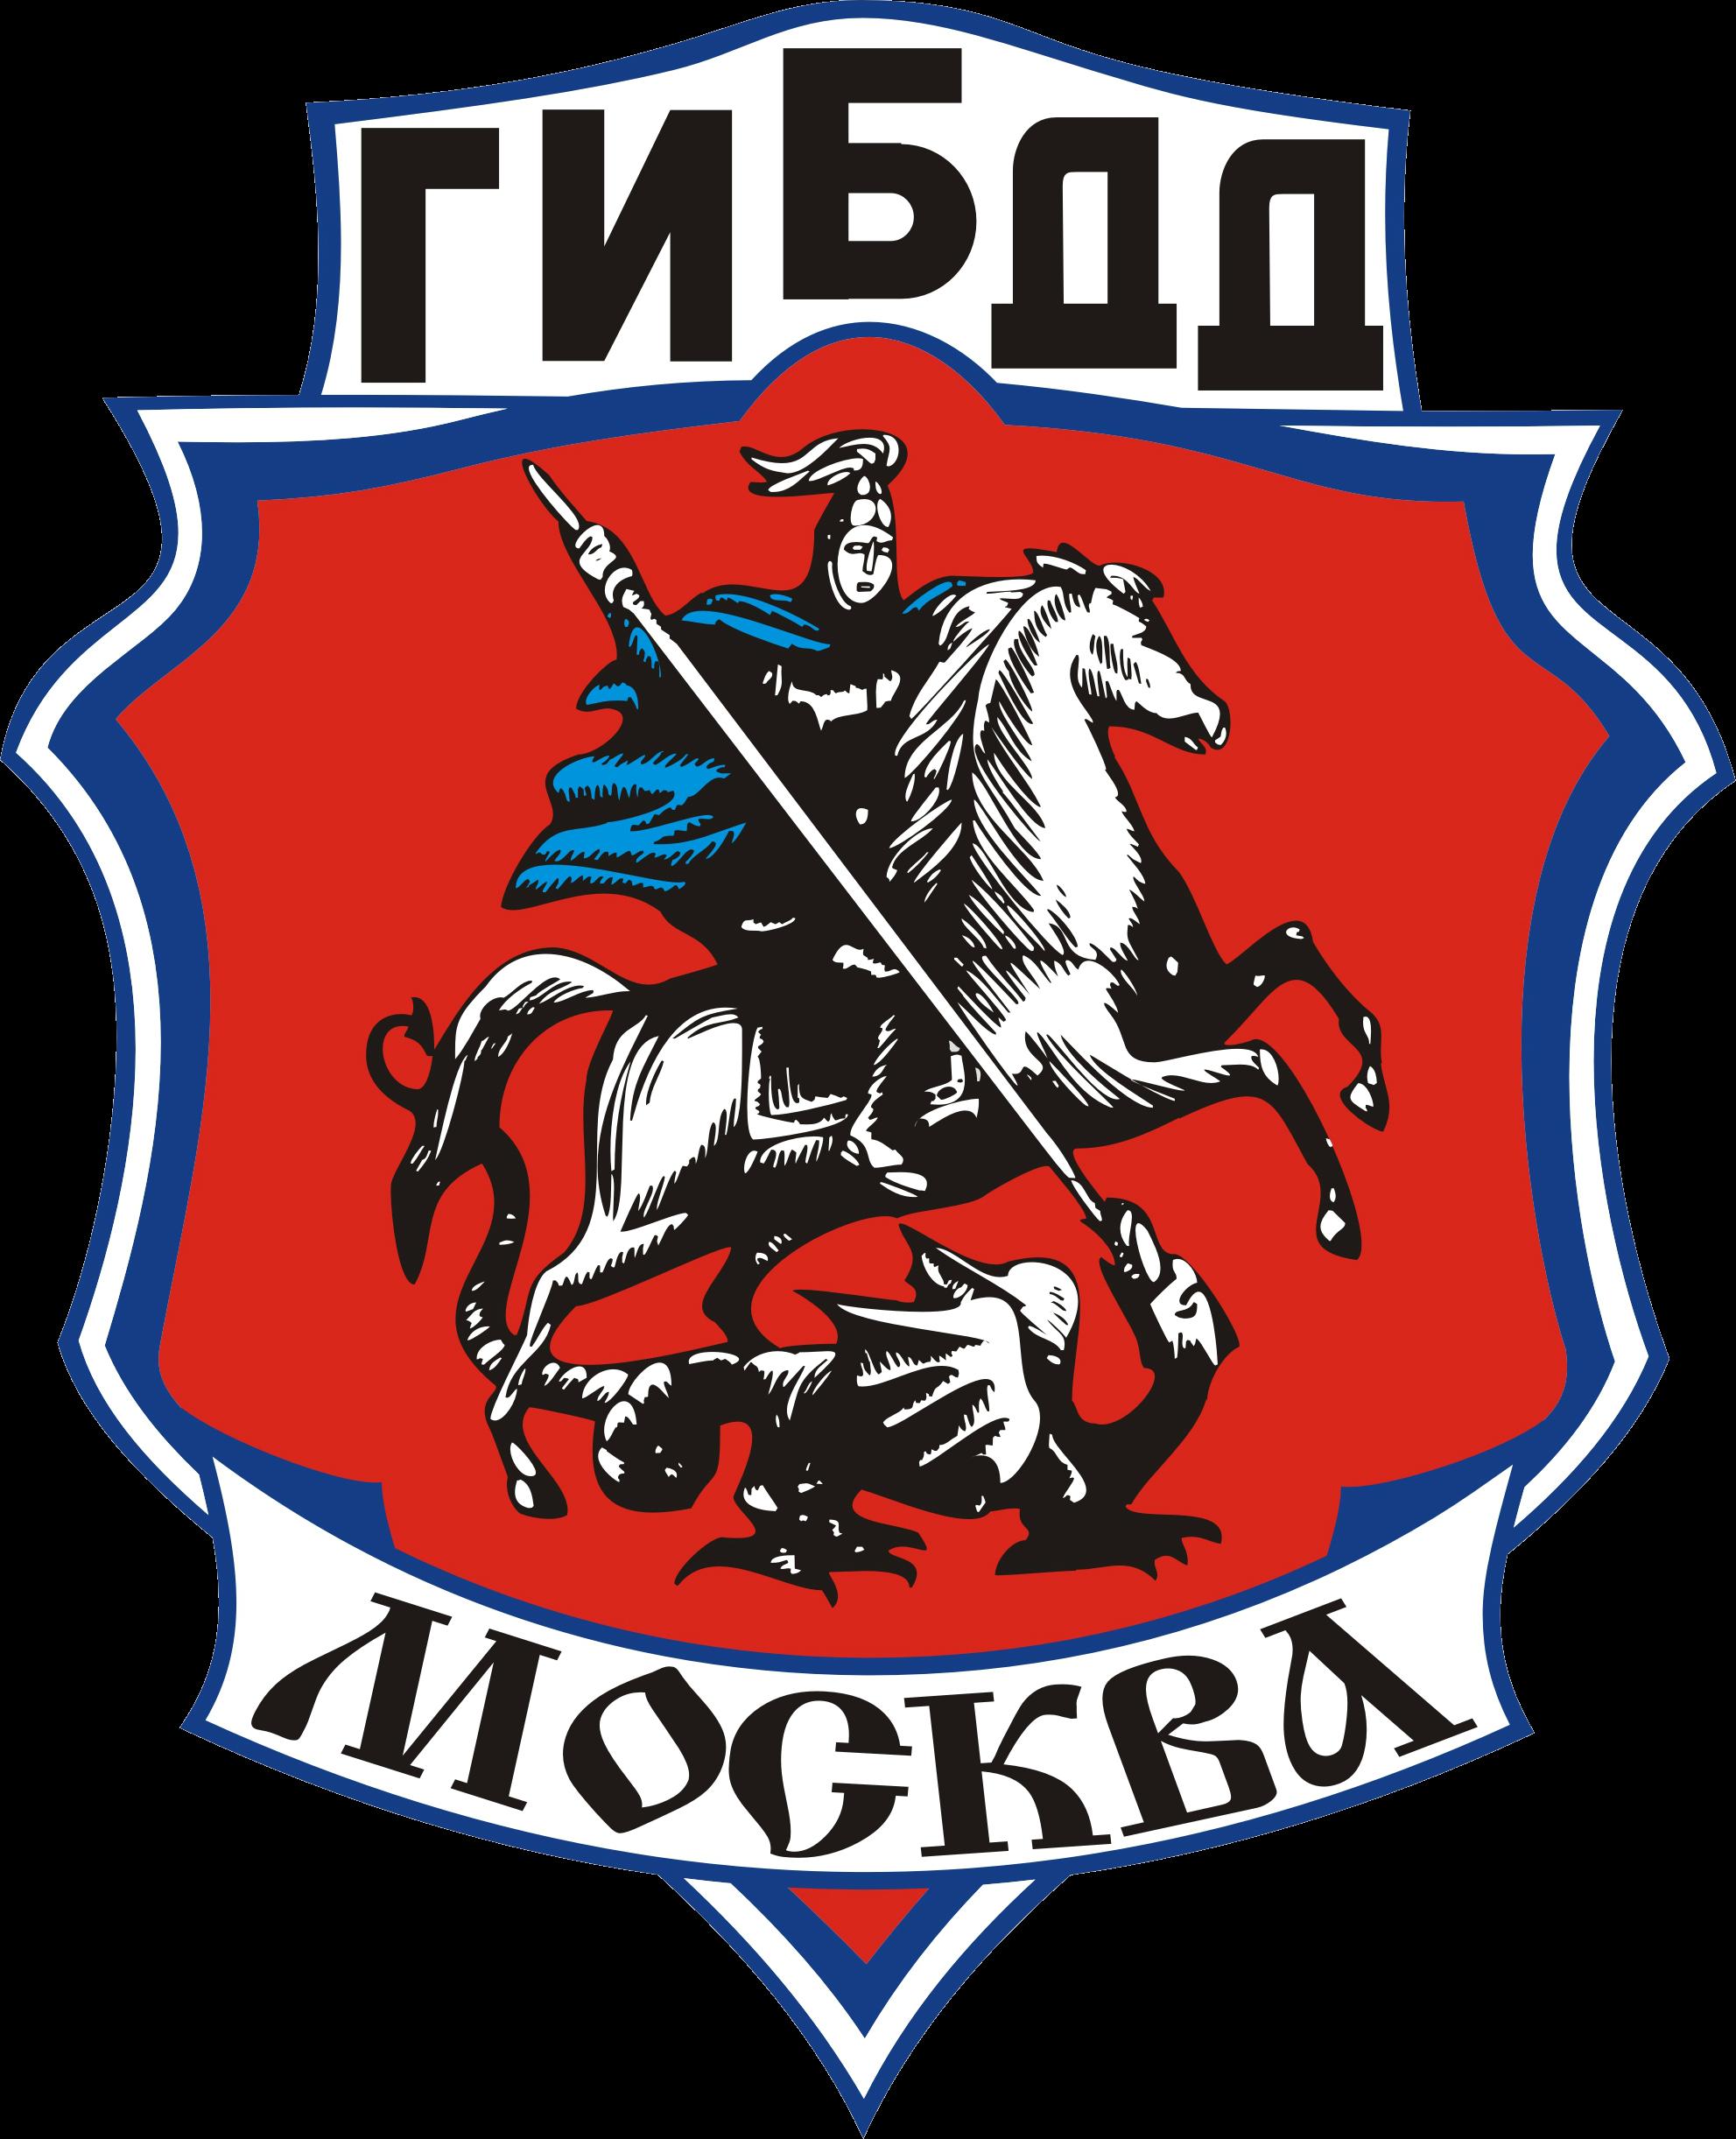 ГИБДД Москвы